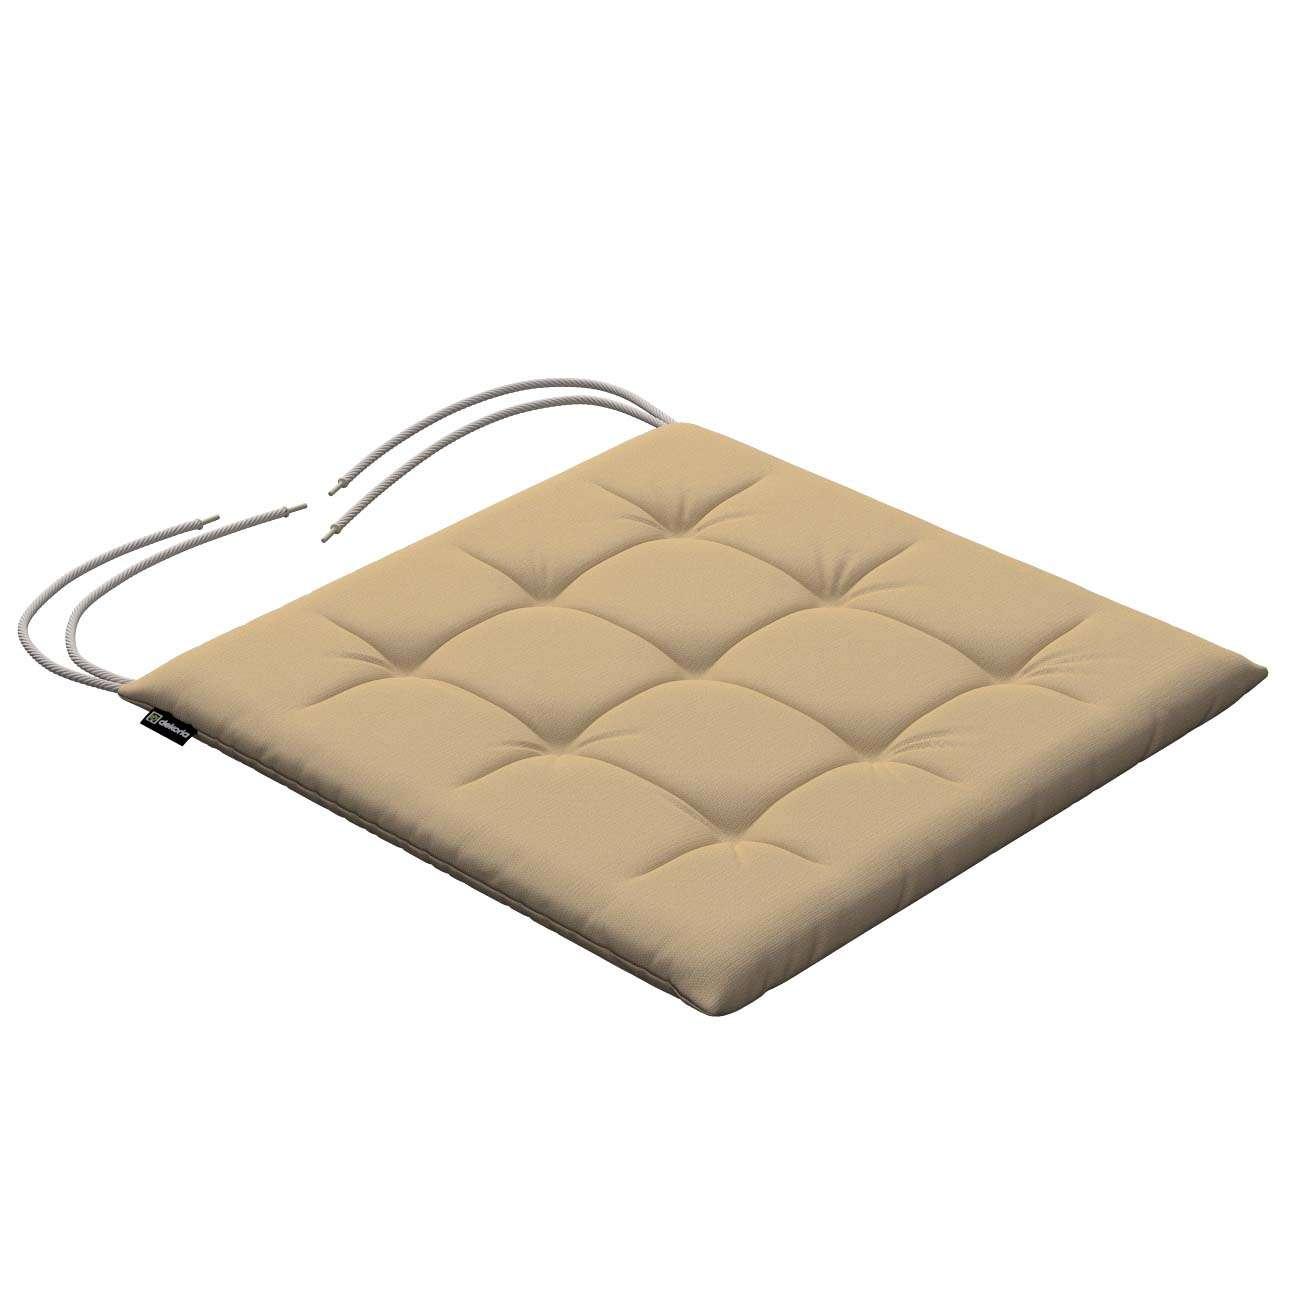 Kėdės pagalvėlė Karol  40 x 40 x 3,5 cm kolekcijoje Cotton Panama, audinys: 702-01